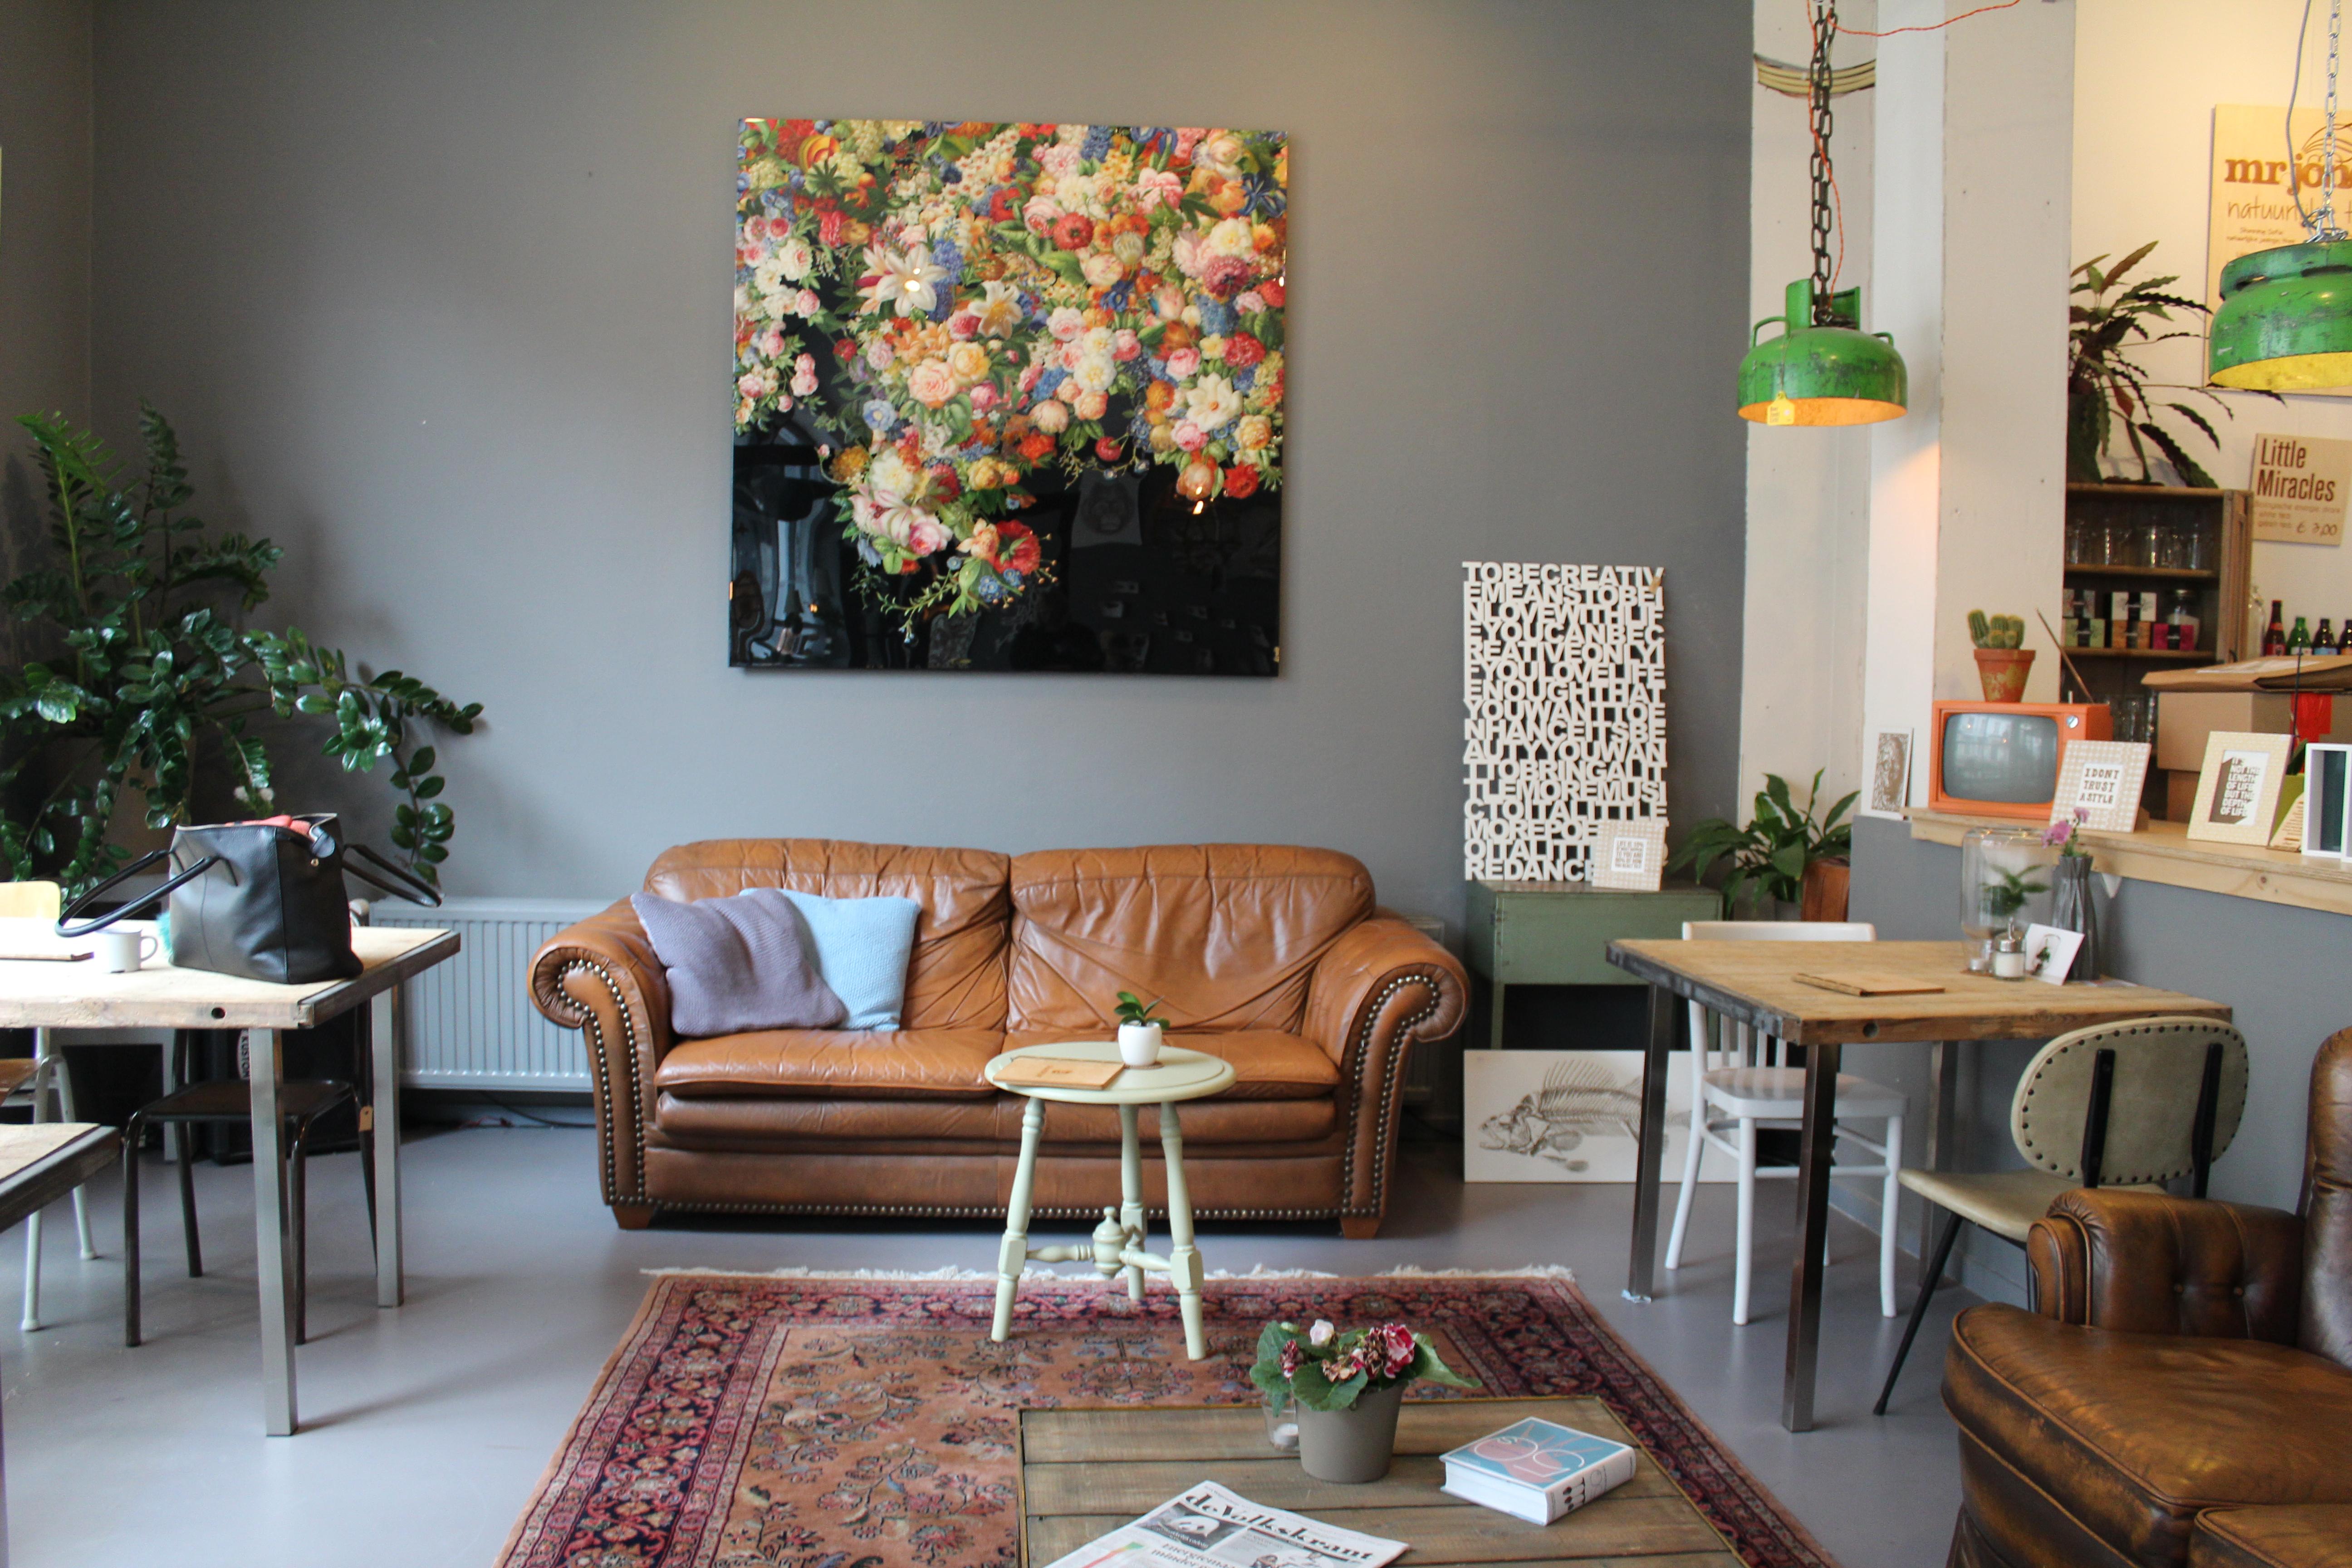 Hotspot Brandpunt Breda - Daily Cappuccino